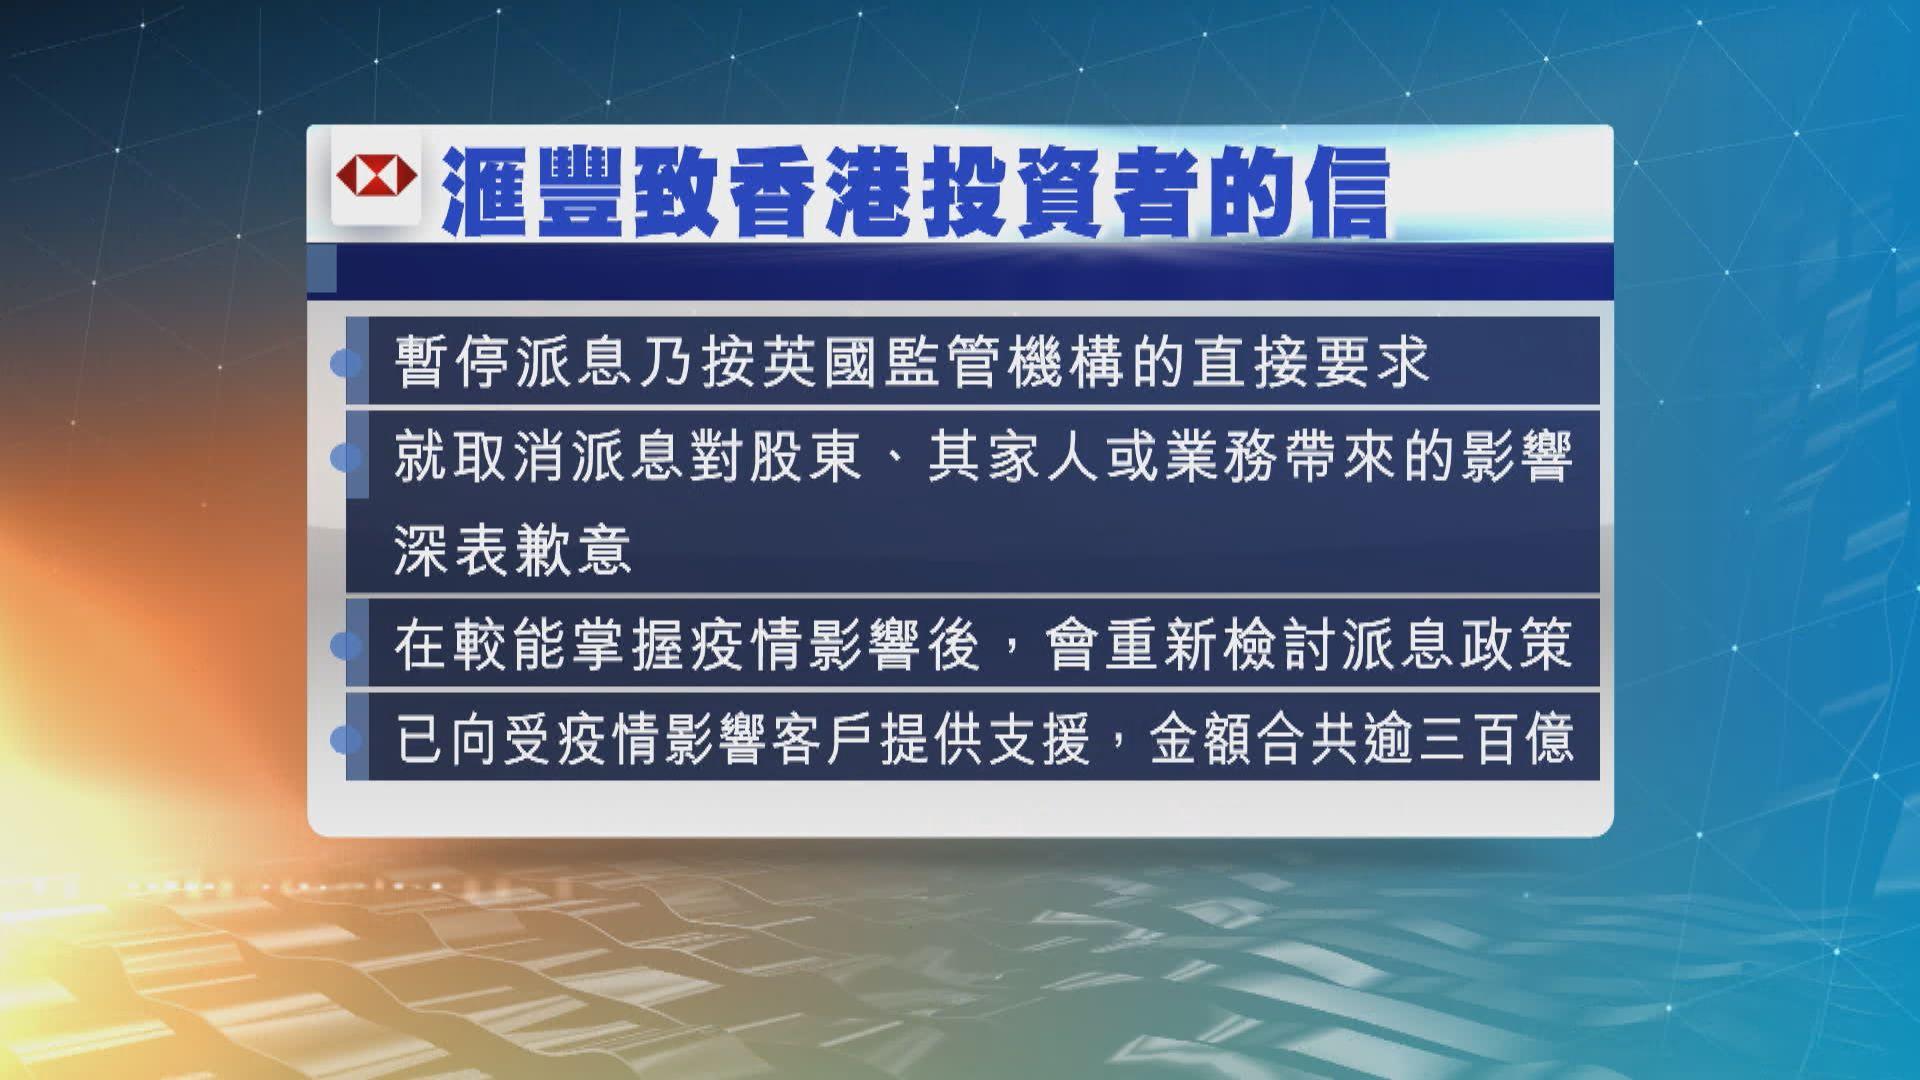 滙豐就暫停派息向香港投資者發信致歉